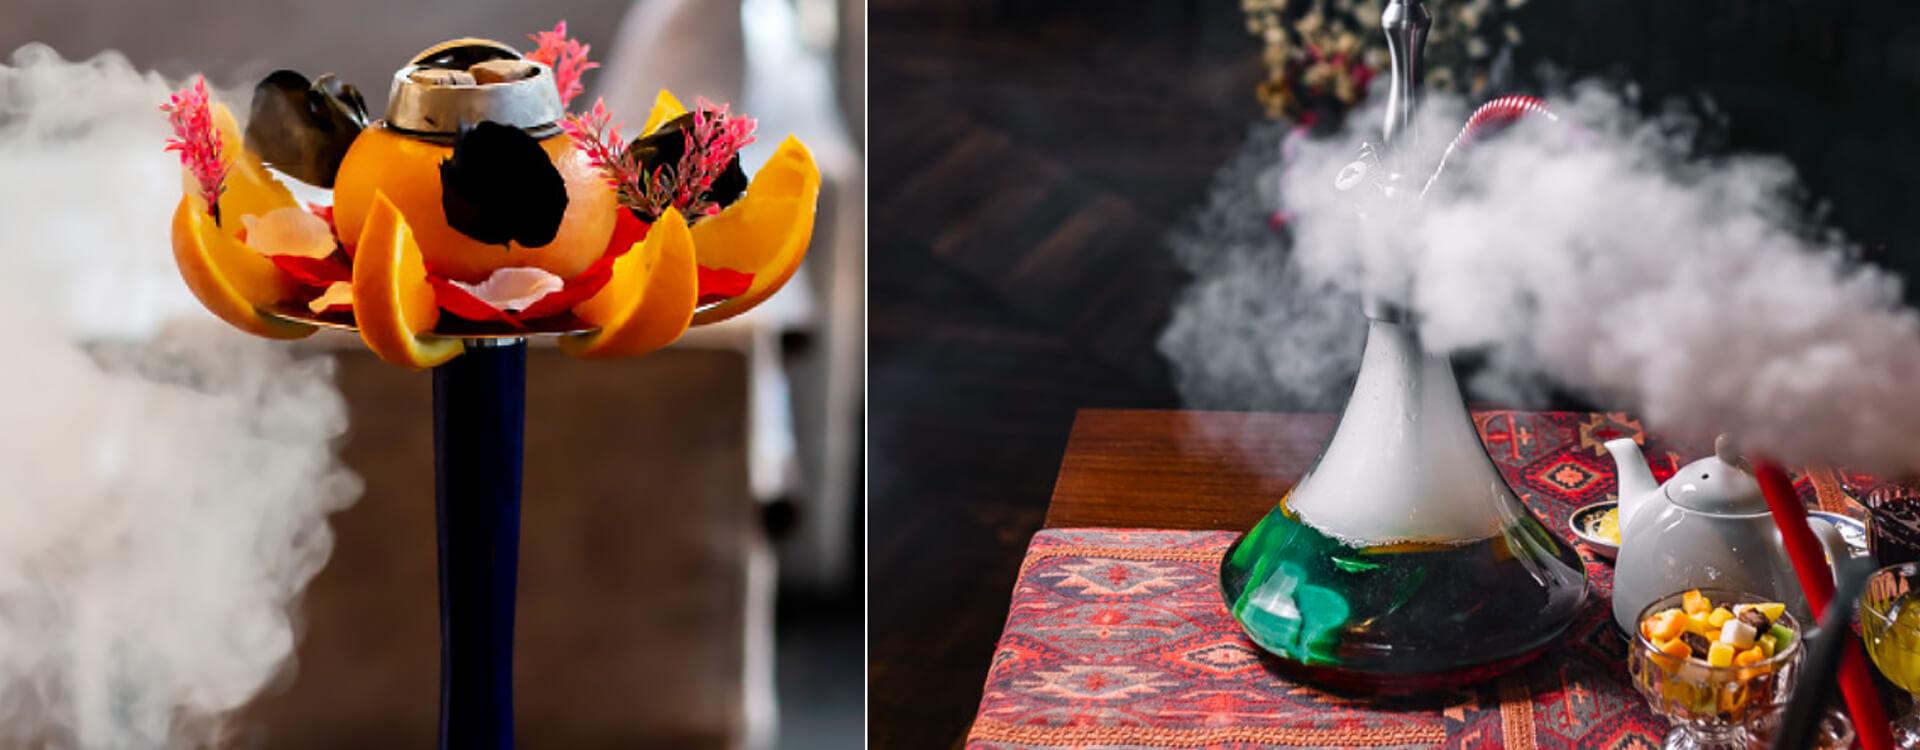 Vodná fajka - ilustračné obrázky: korunka vodnej fajky dekorovaná ovocím a kvetmi, stôl s rozloženou vodnou fajkou, ovocím a čajom